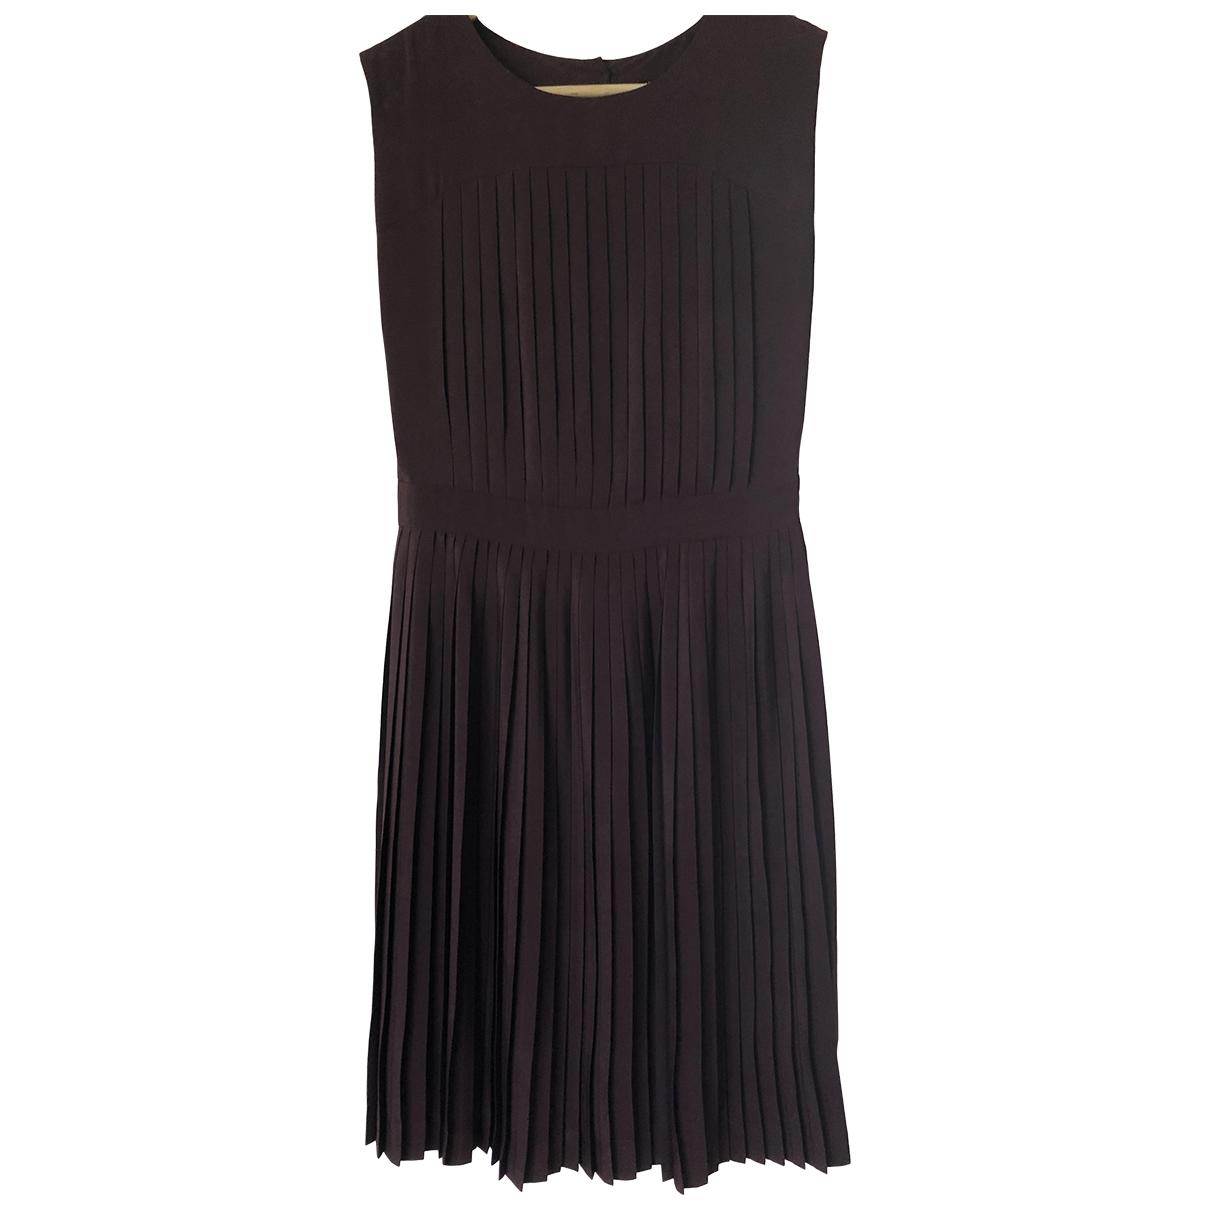 All Saints \N Burgundy dress for Women 10 UK